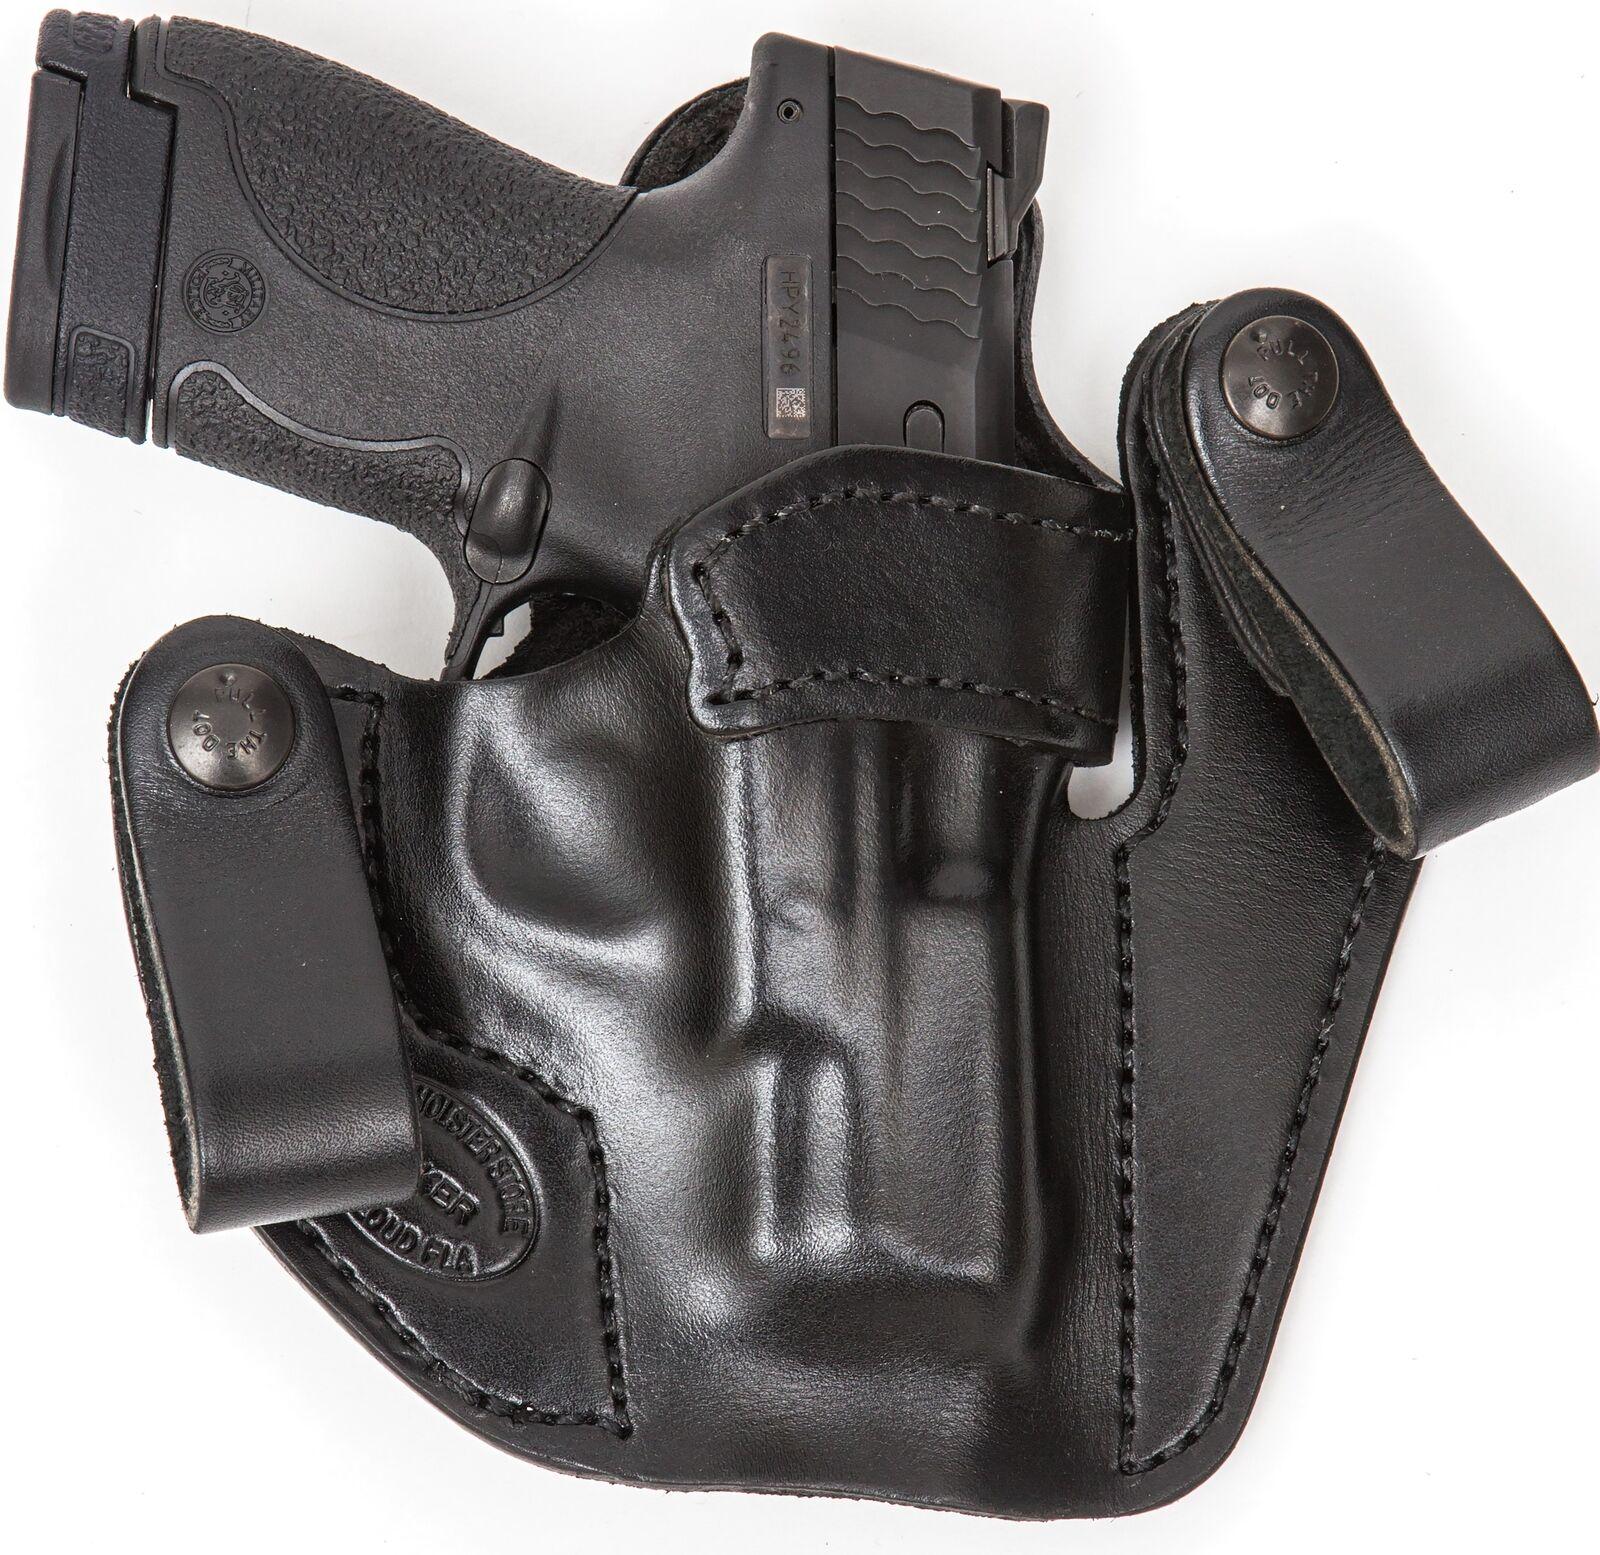 XTREME llevar RH LH dentro de la cintura de cuero Funda Pistola Para Beretta Nano